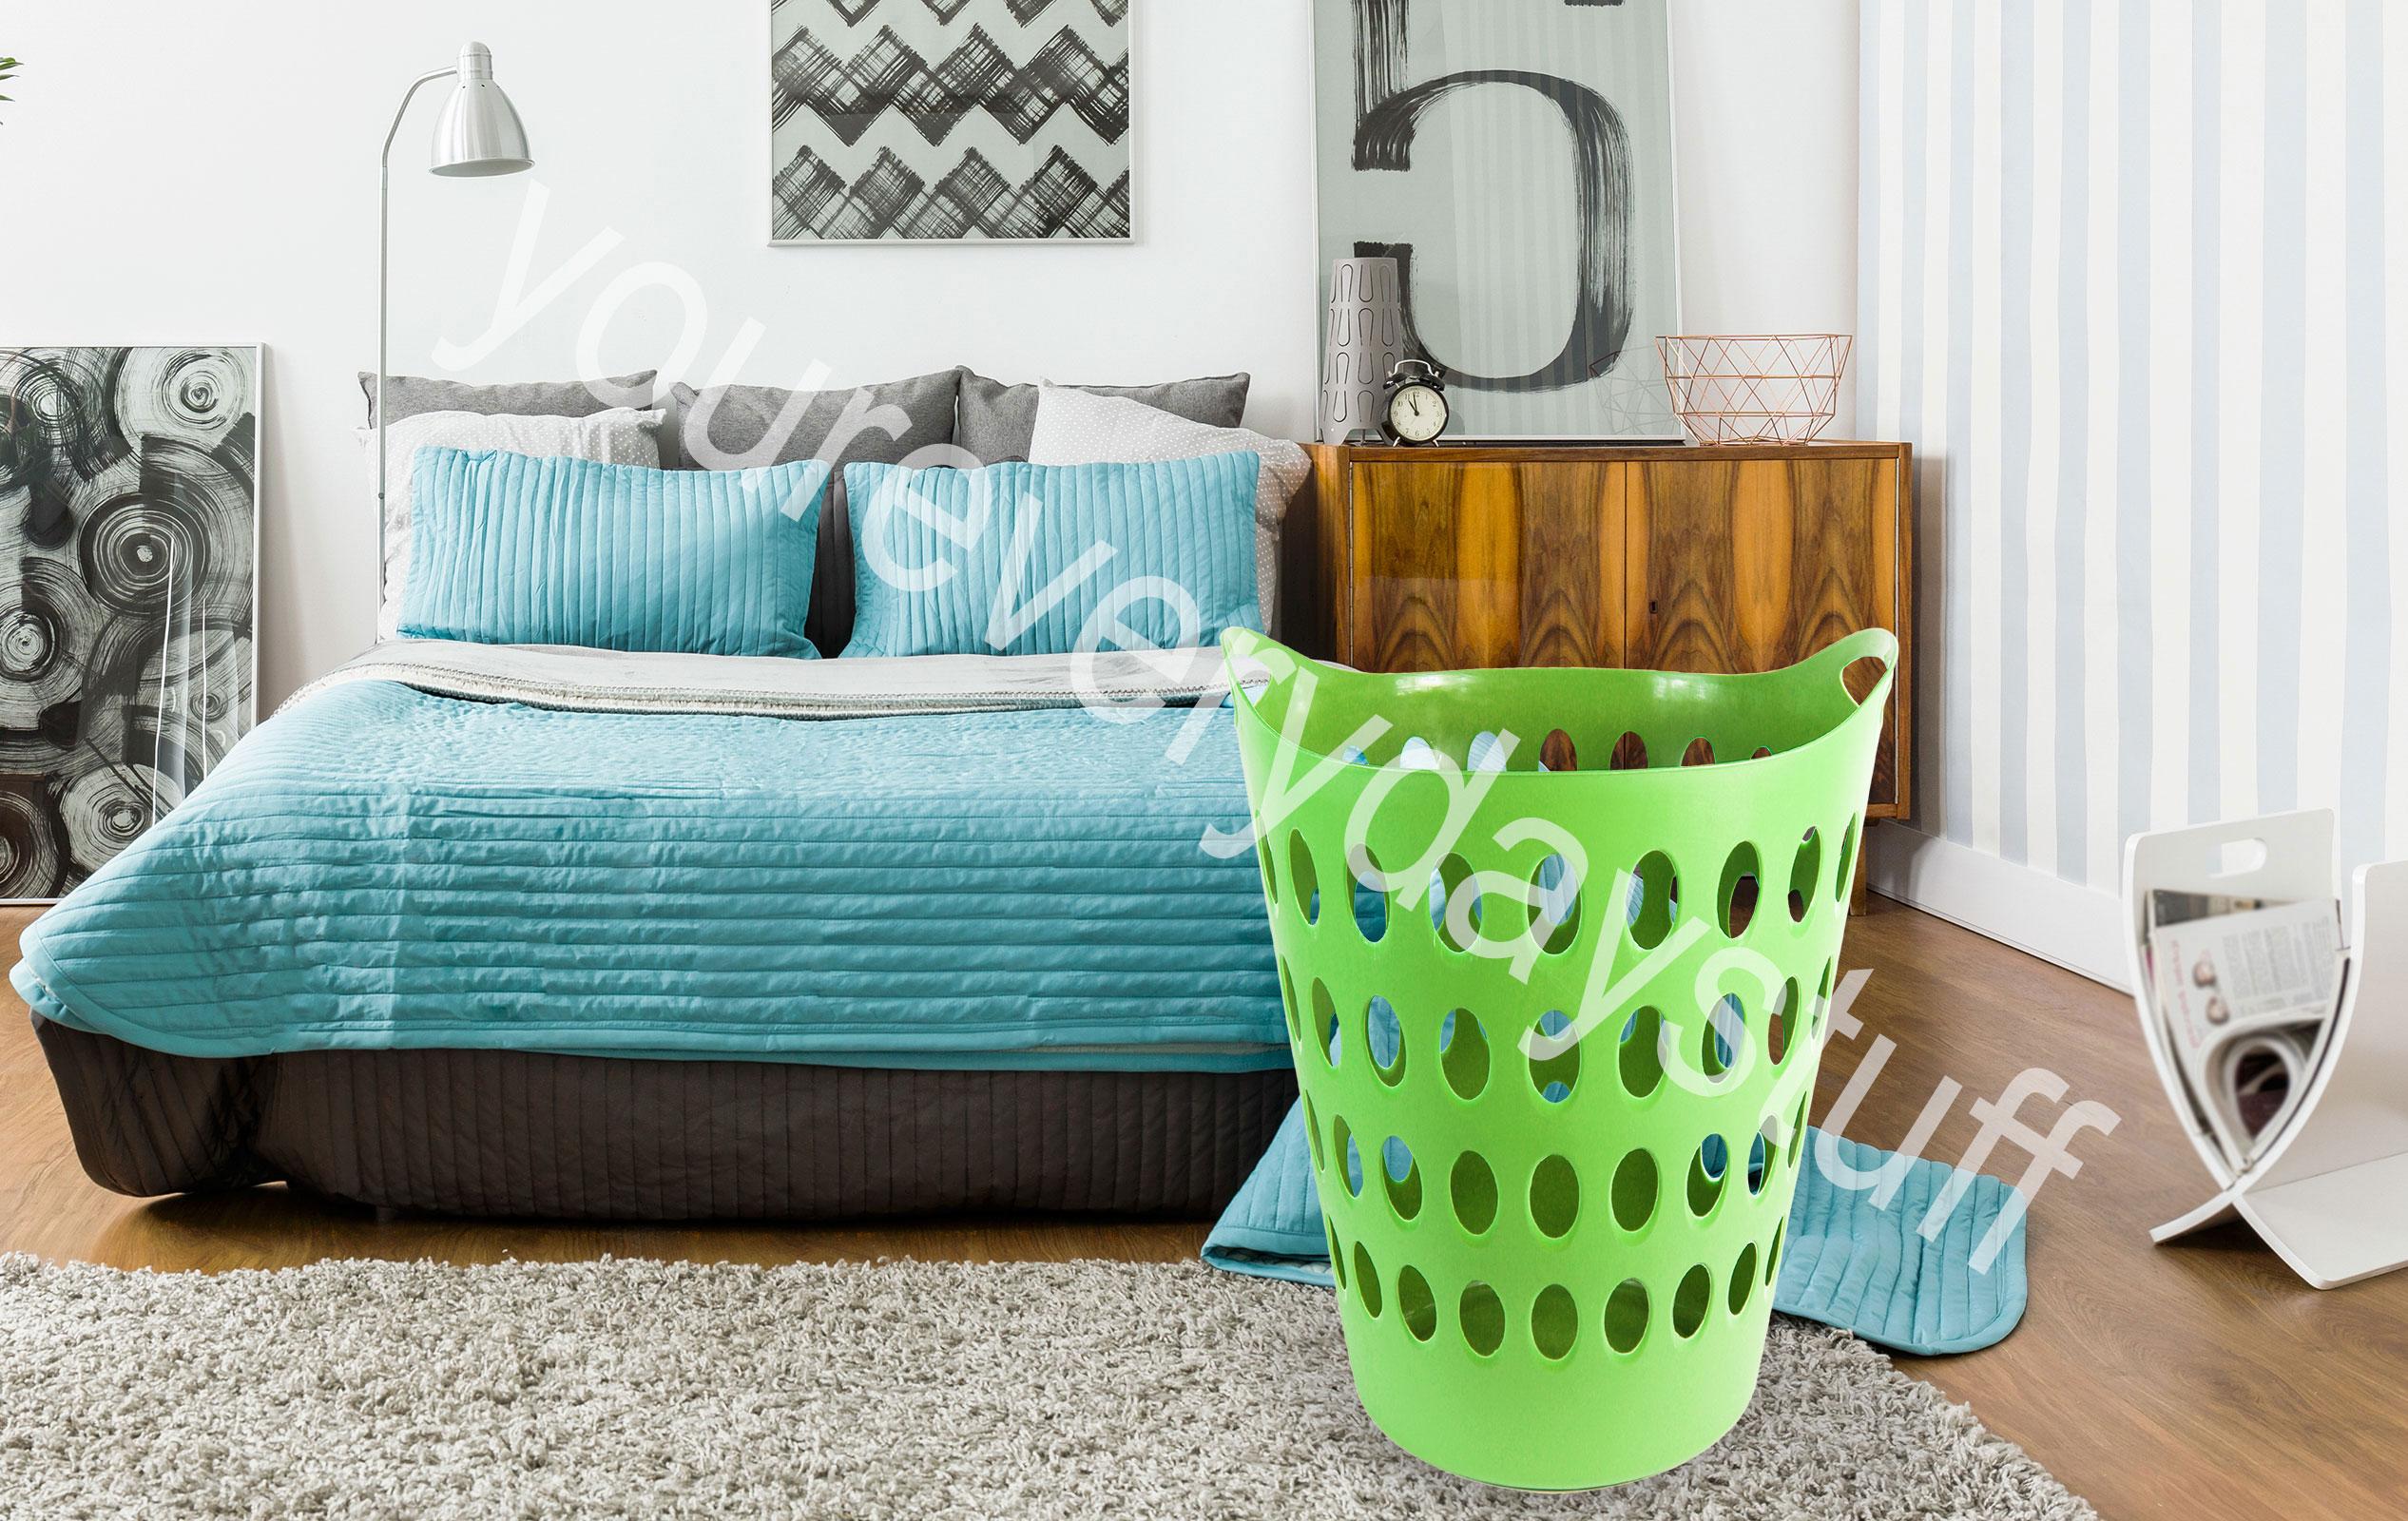 Laundry Basket Home Clothes Washing Flexi Large Flexible